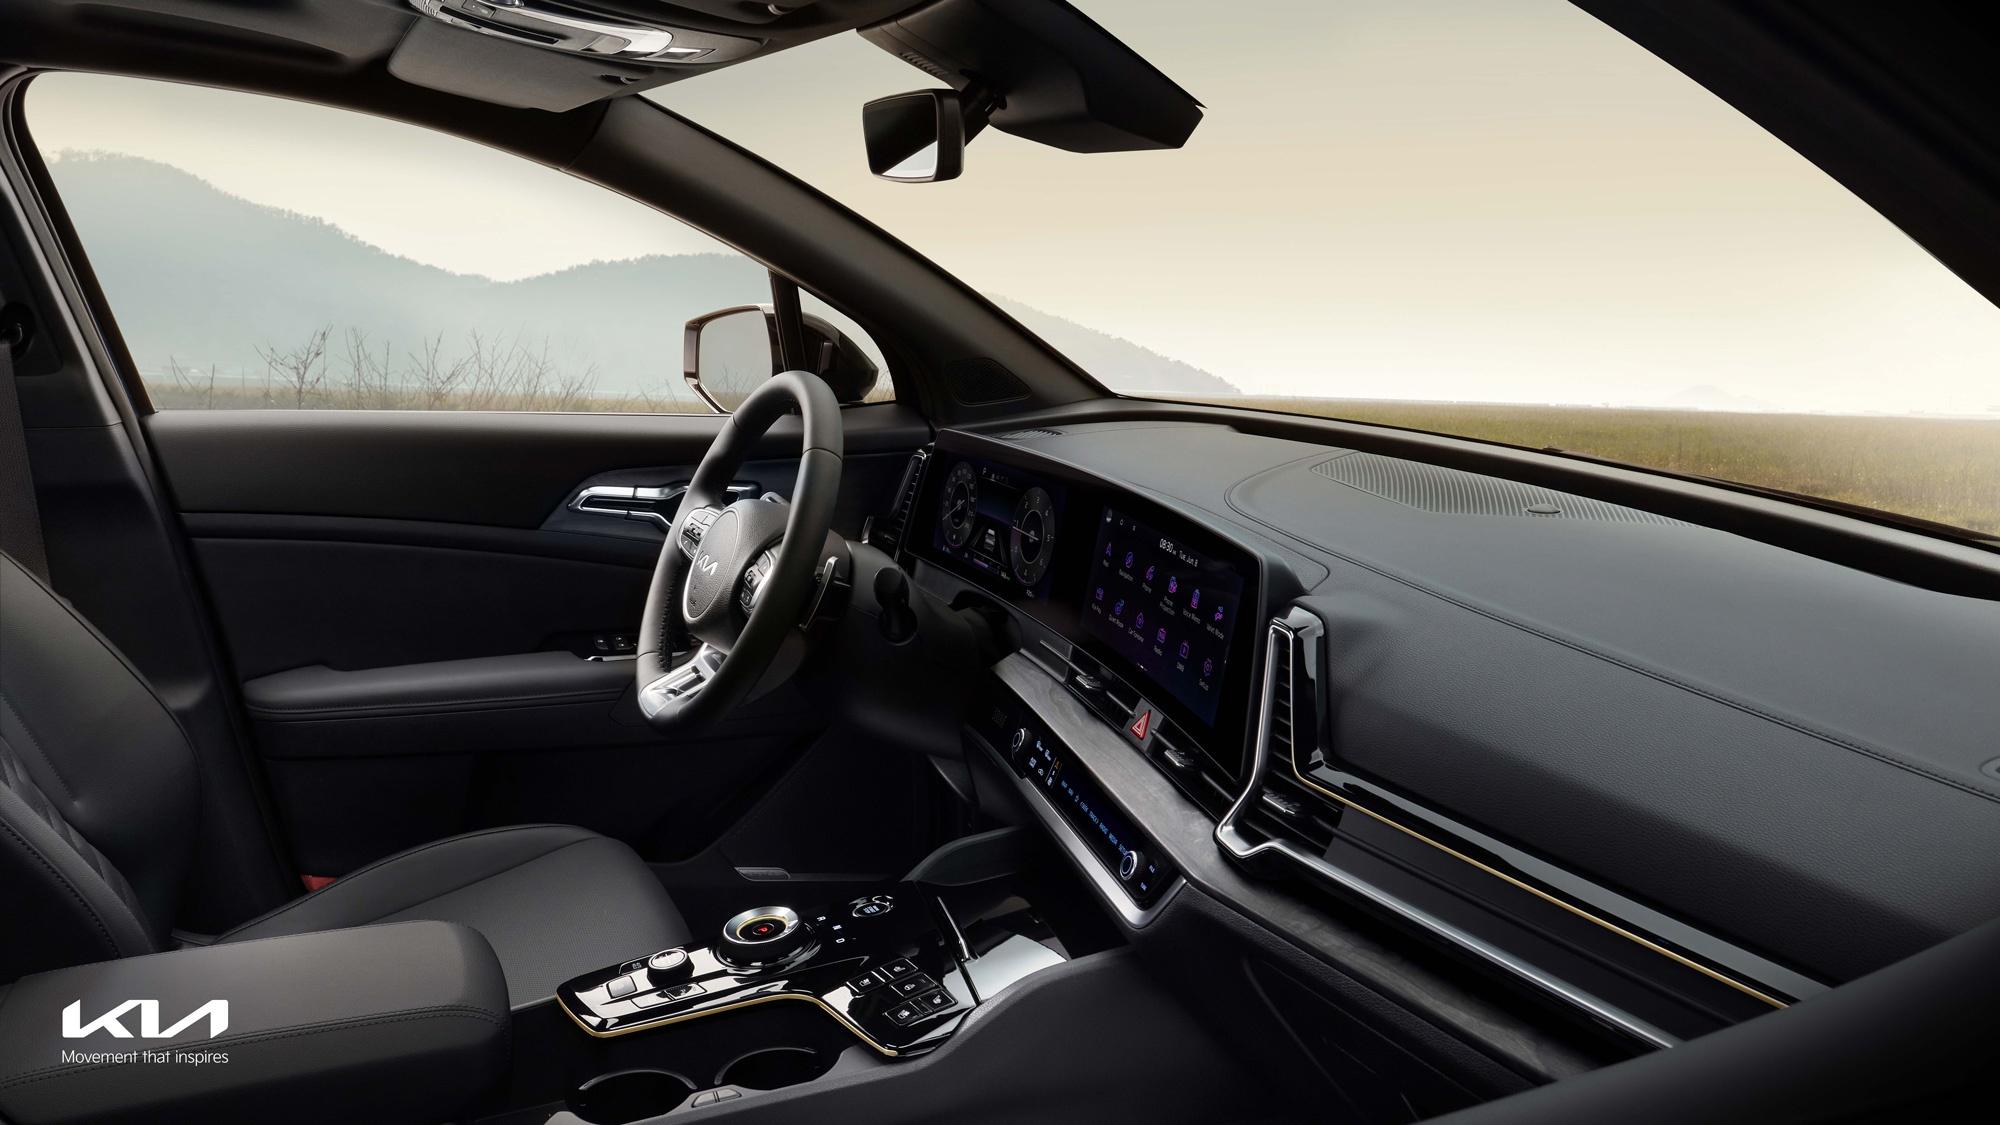 全新一代起亚Sportage正式亮相 新平台/全新设计